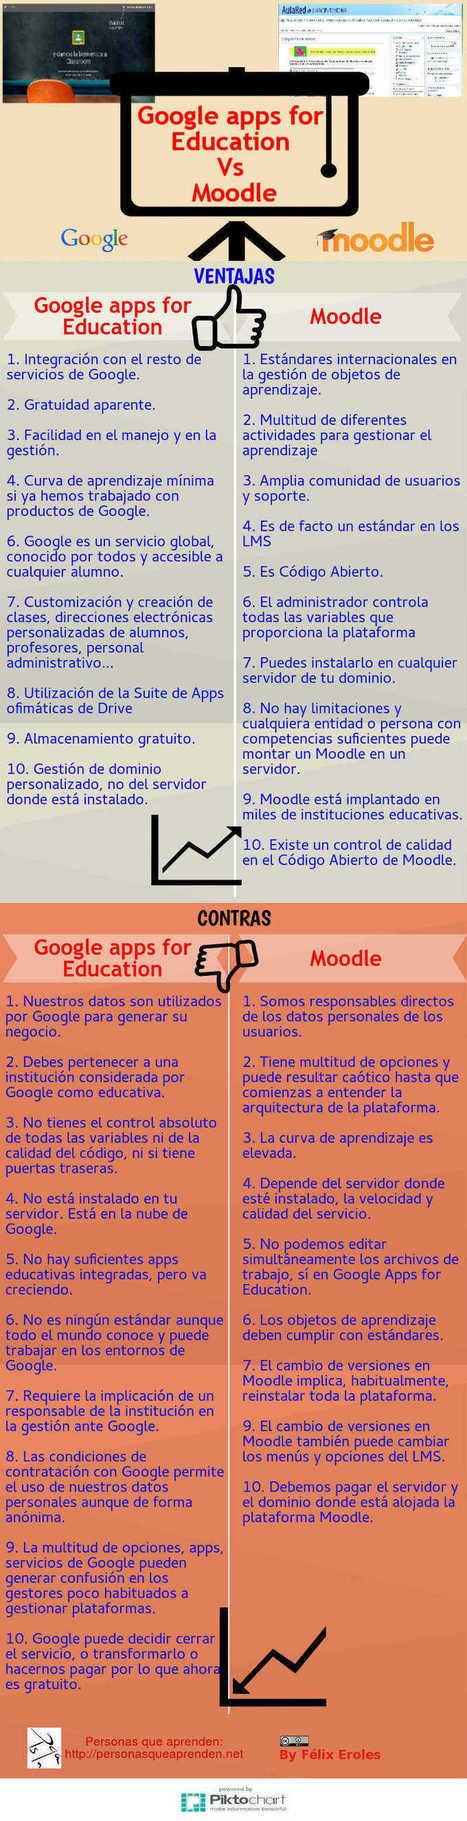 Infografía: Google Apps para Educación Vs Moodle | Herramientas de Google | Scoop.it